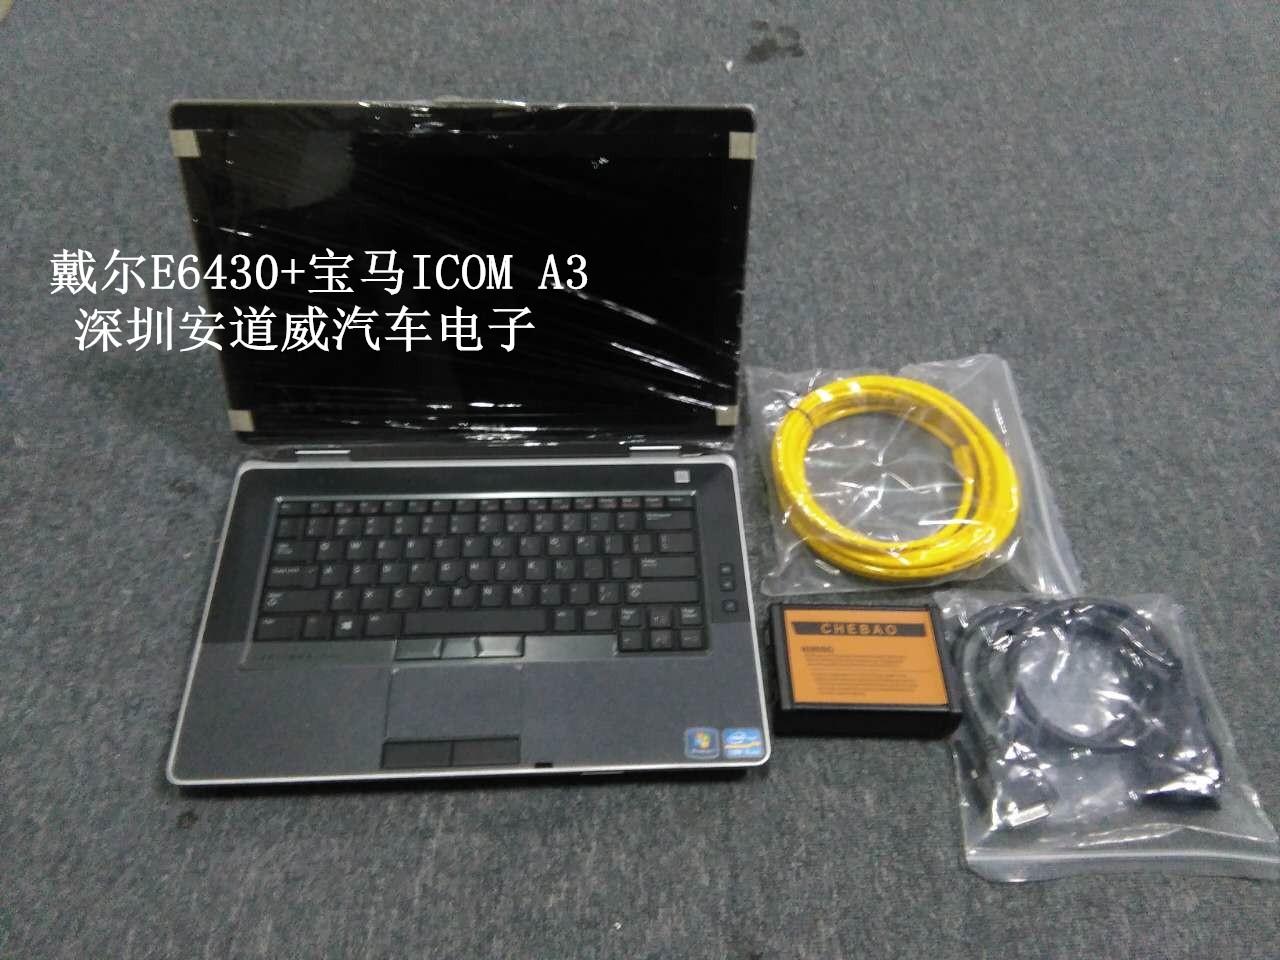 宝马ICOM A3原厂检测仪宝马工程师单编诊断软件